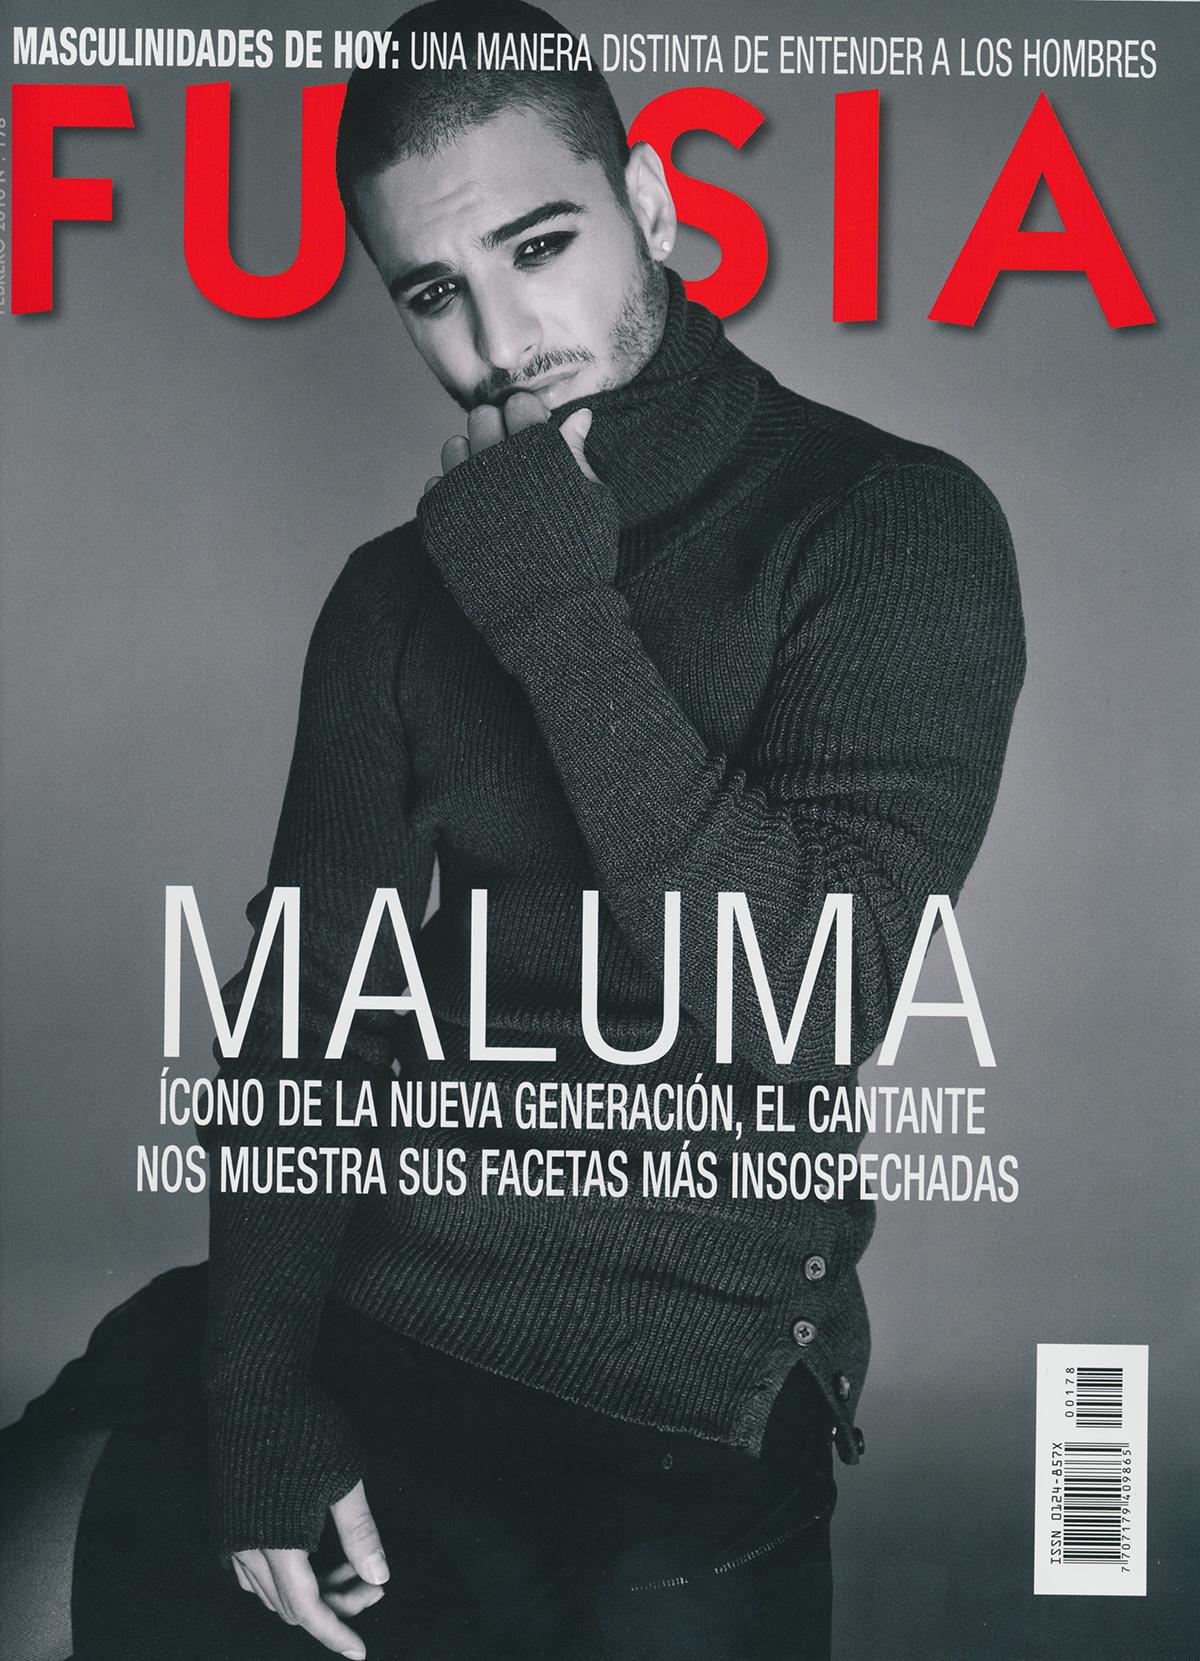 fucsiaedFeb-cover.jpg